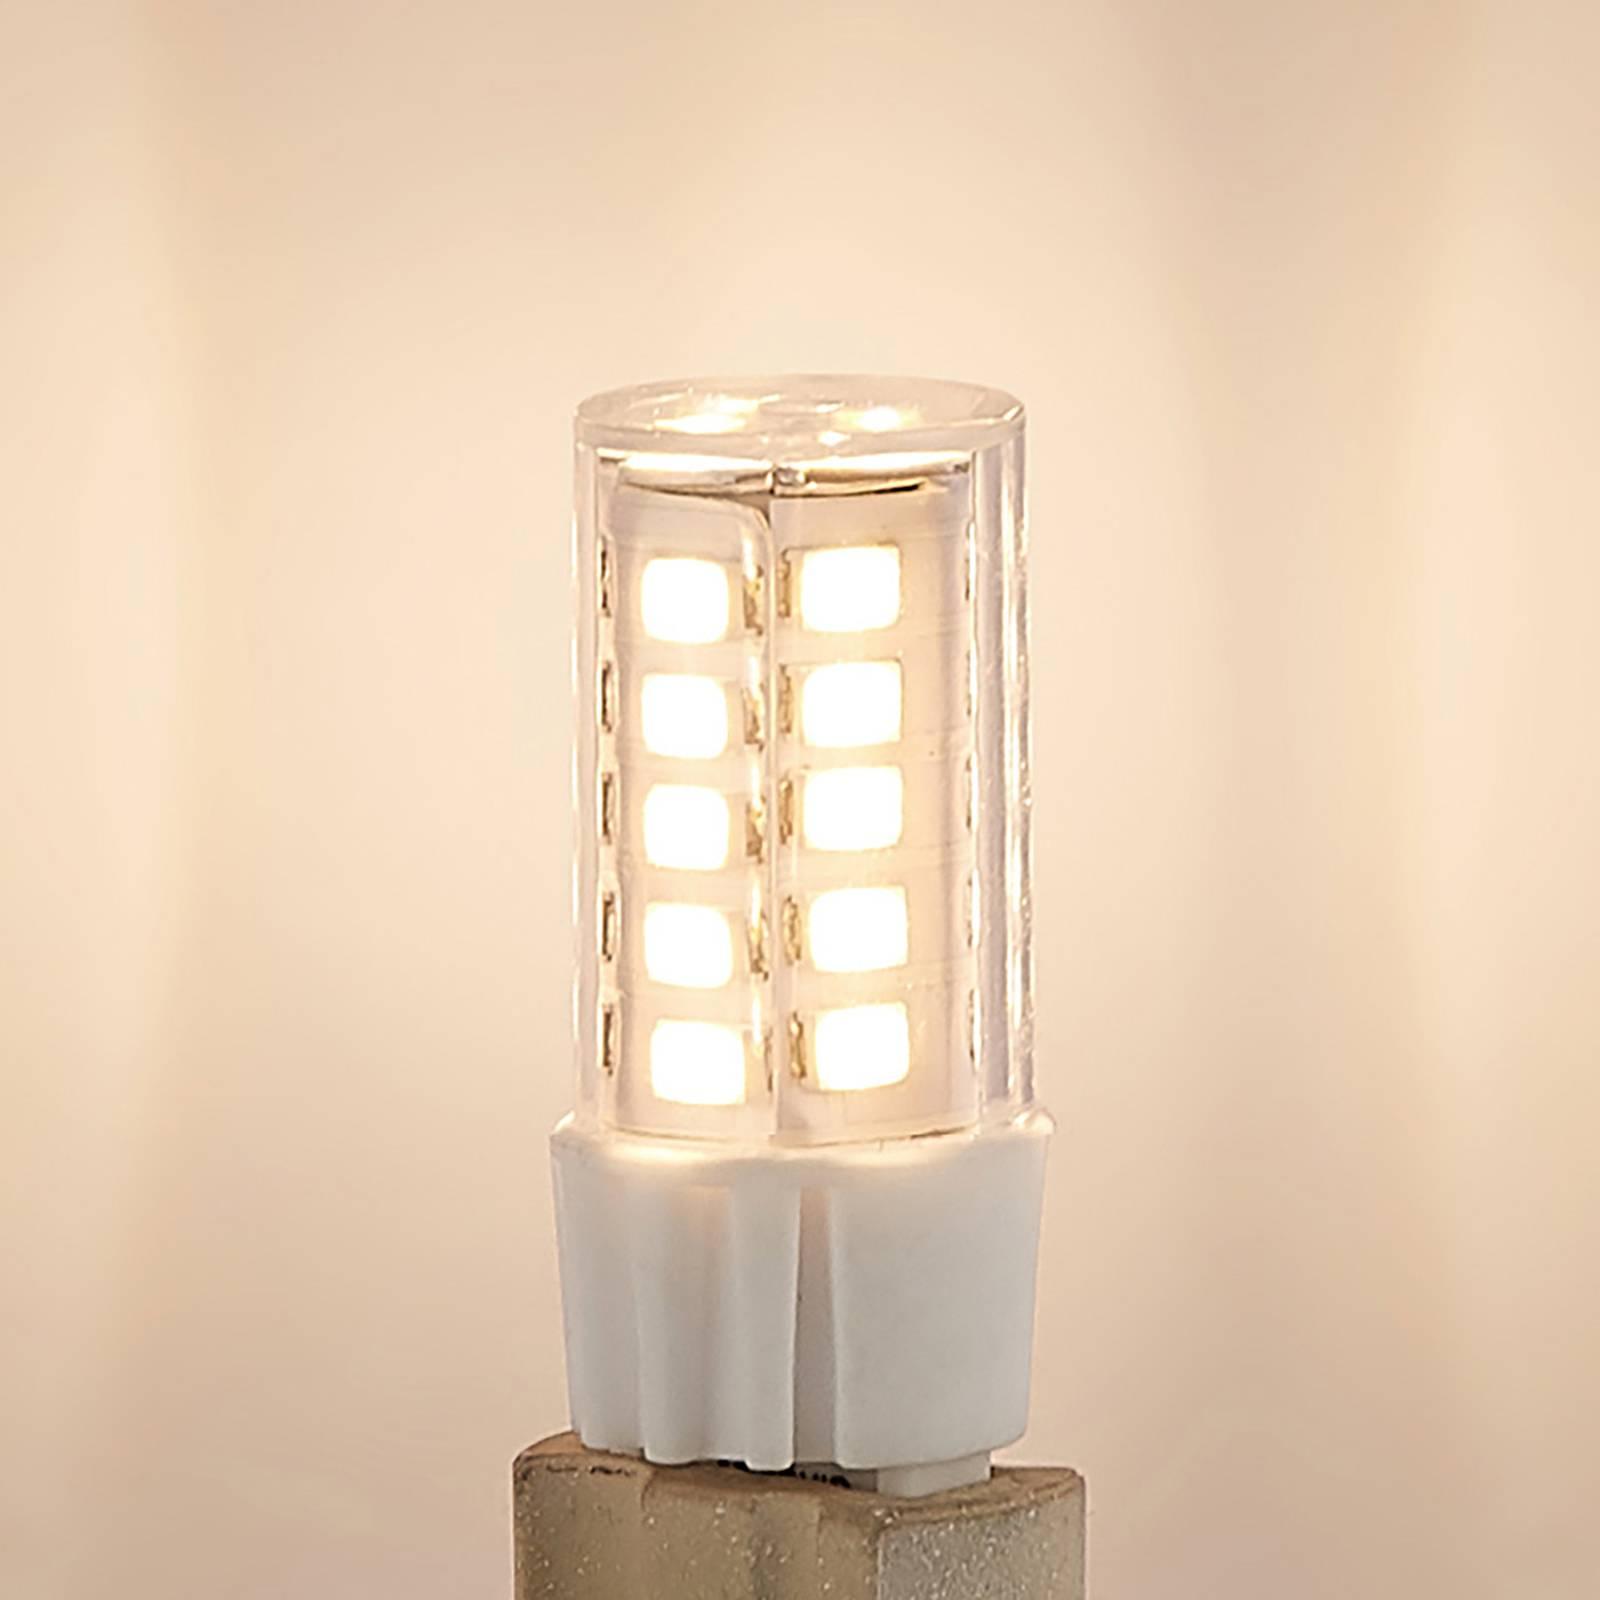 Arcchio bi-pin LED bulb G9 3.5W 3,000 K